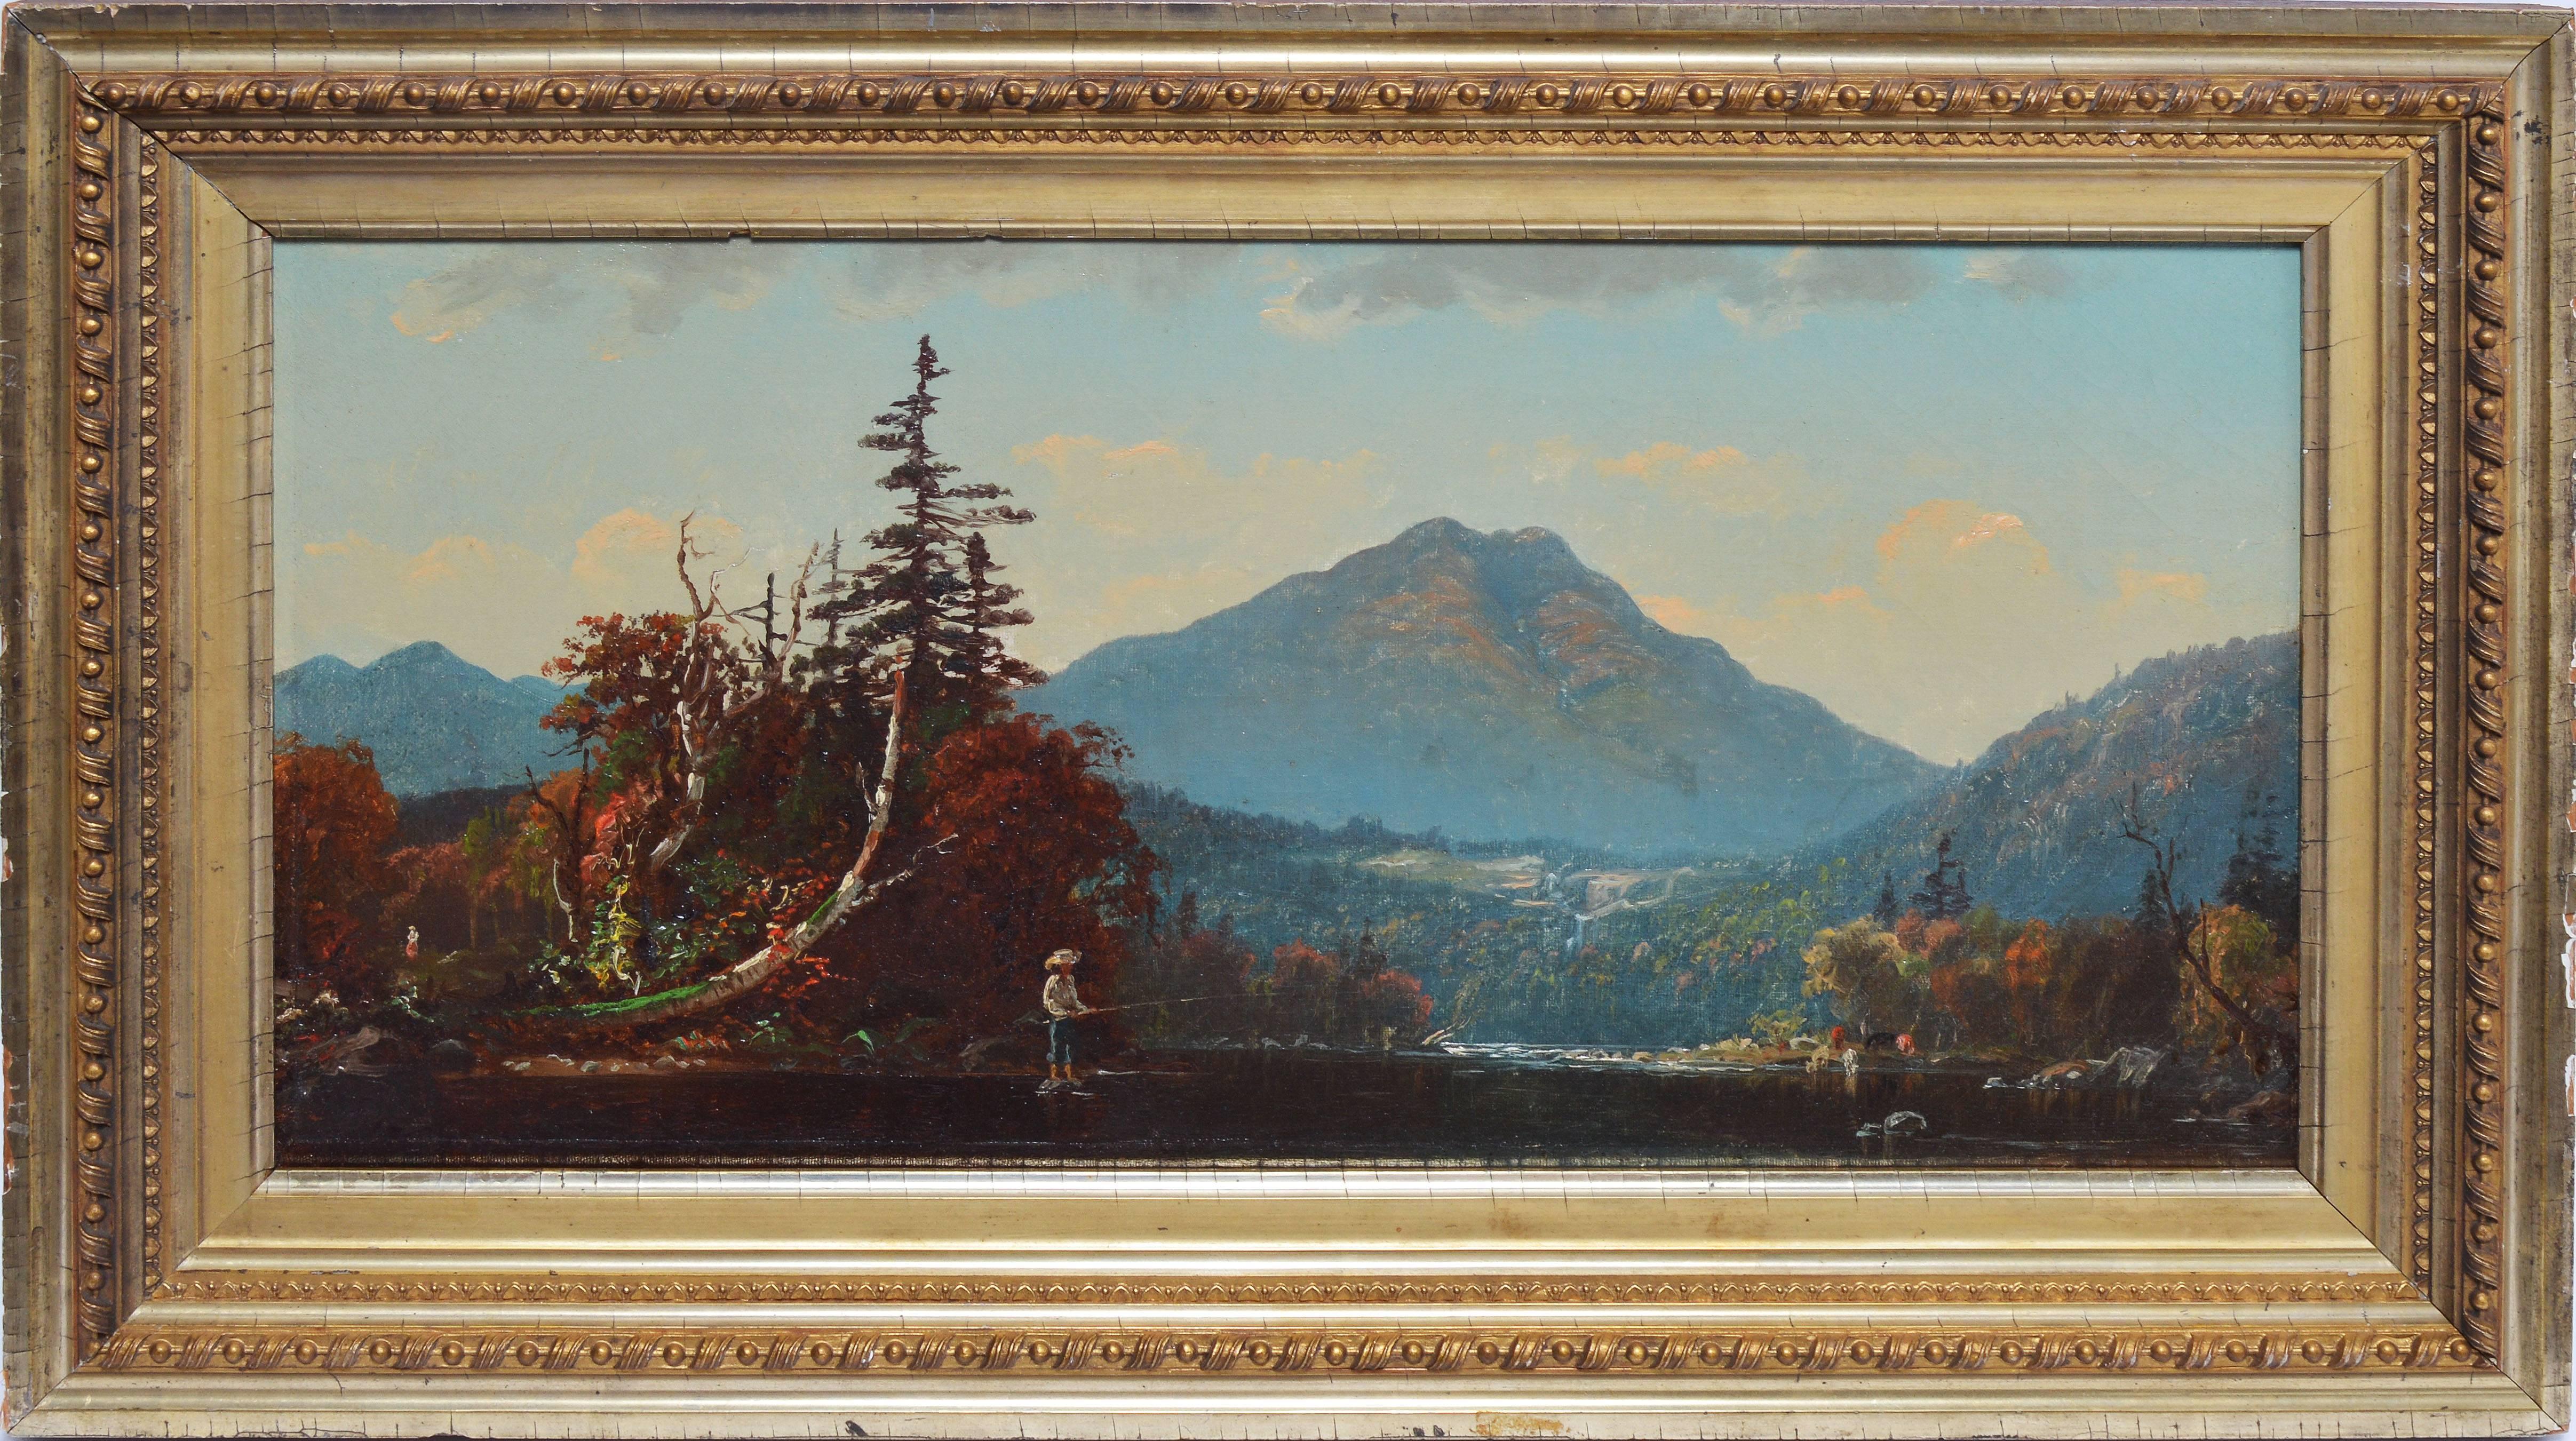 Fall Landscape by John J Enneking